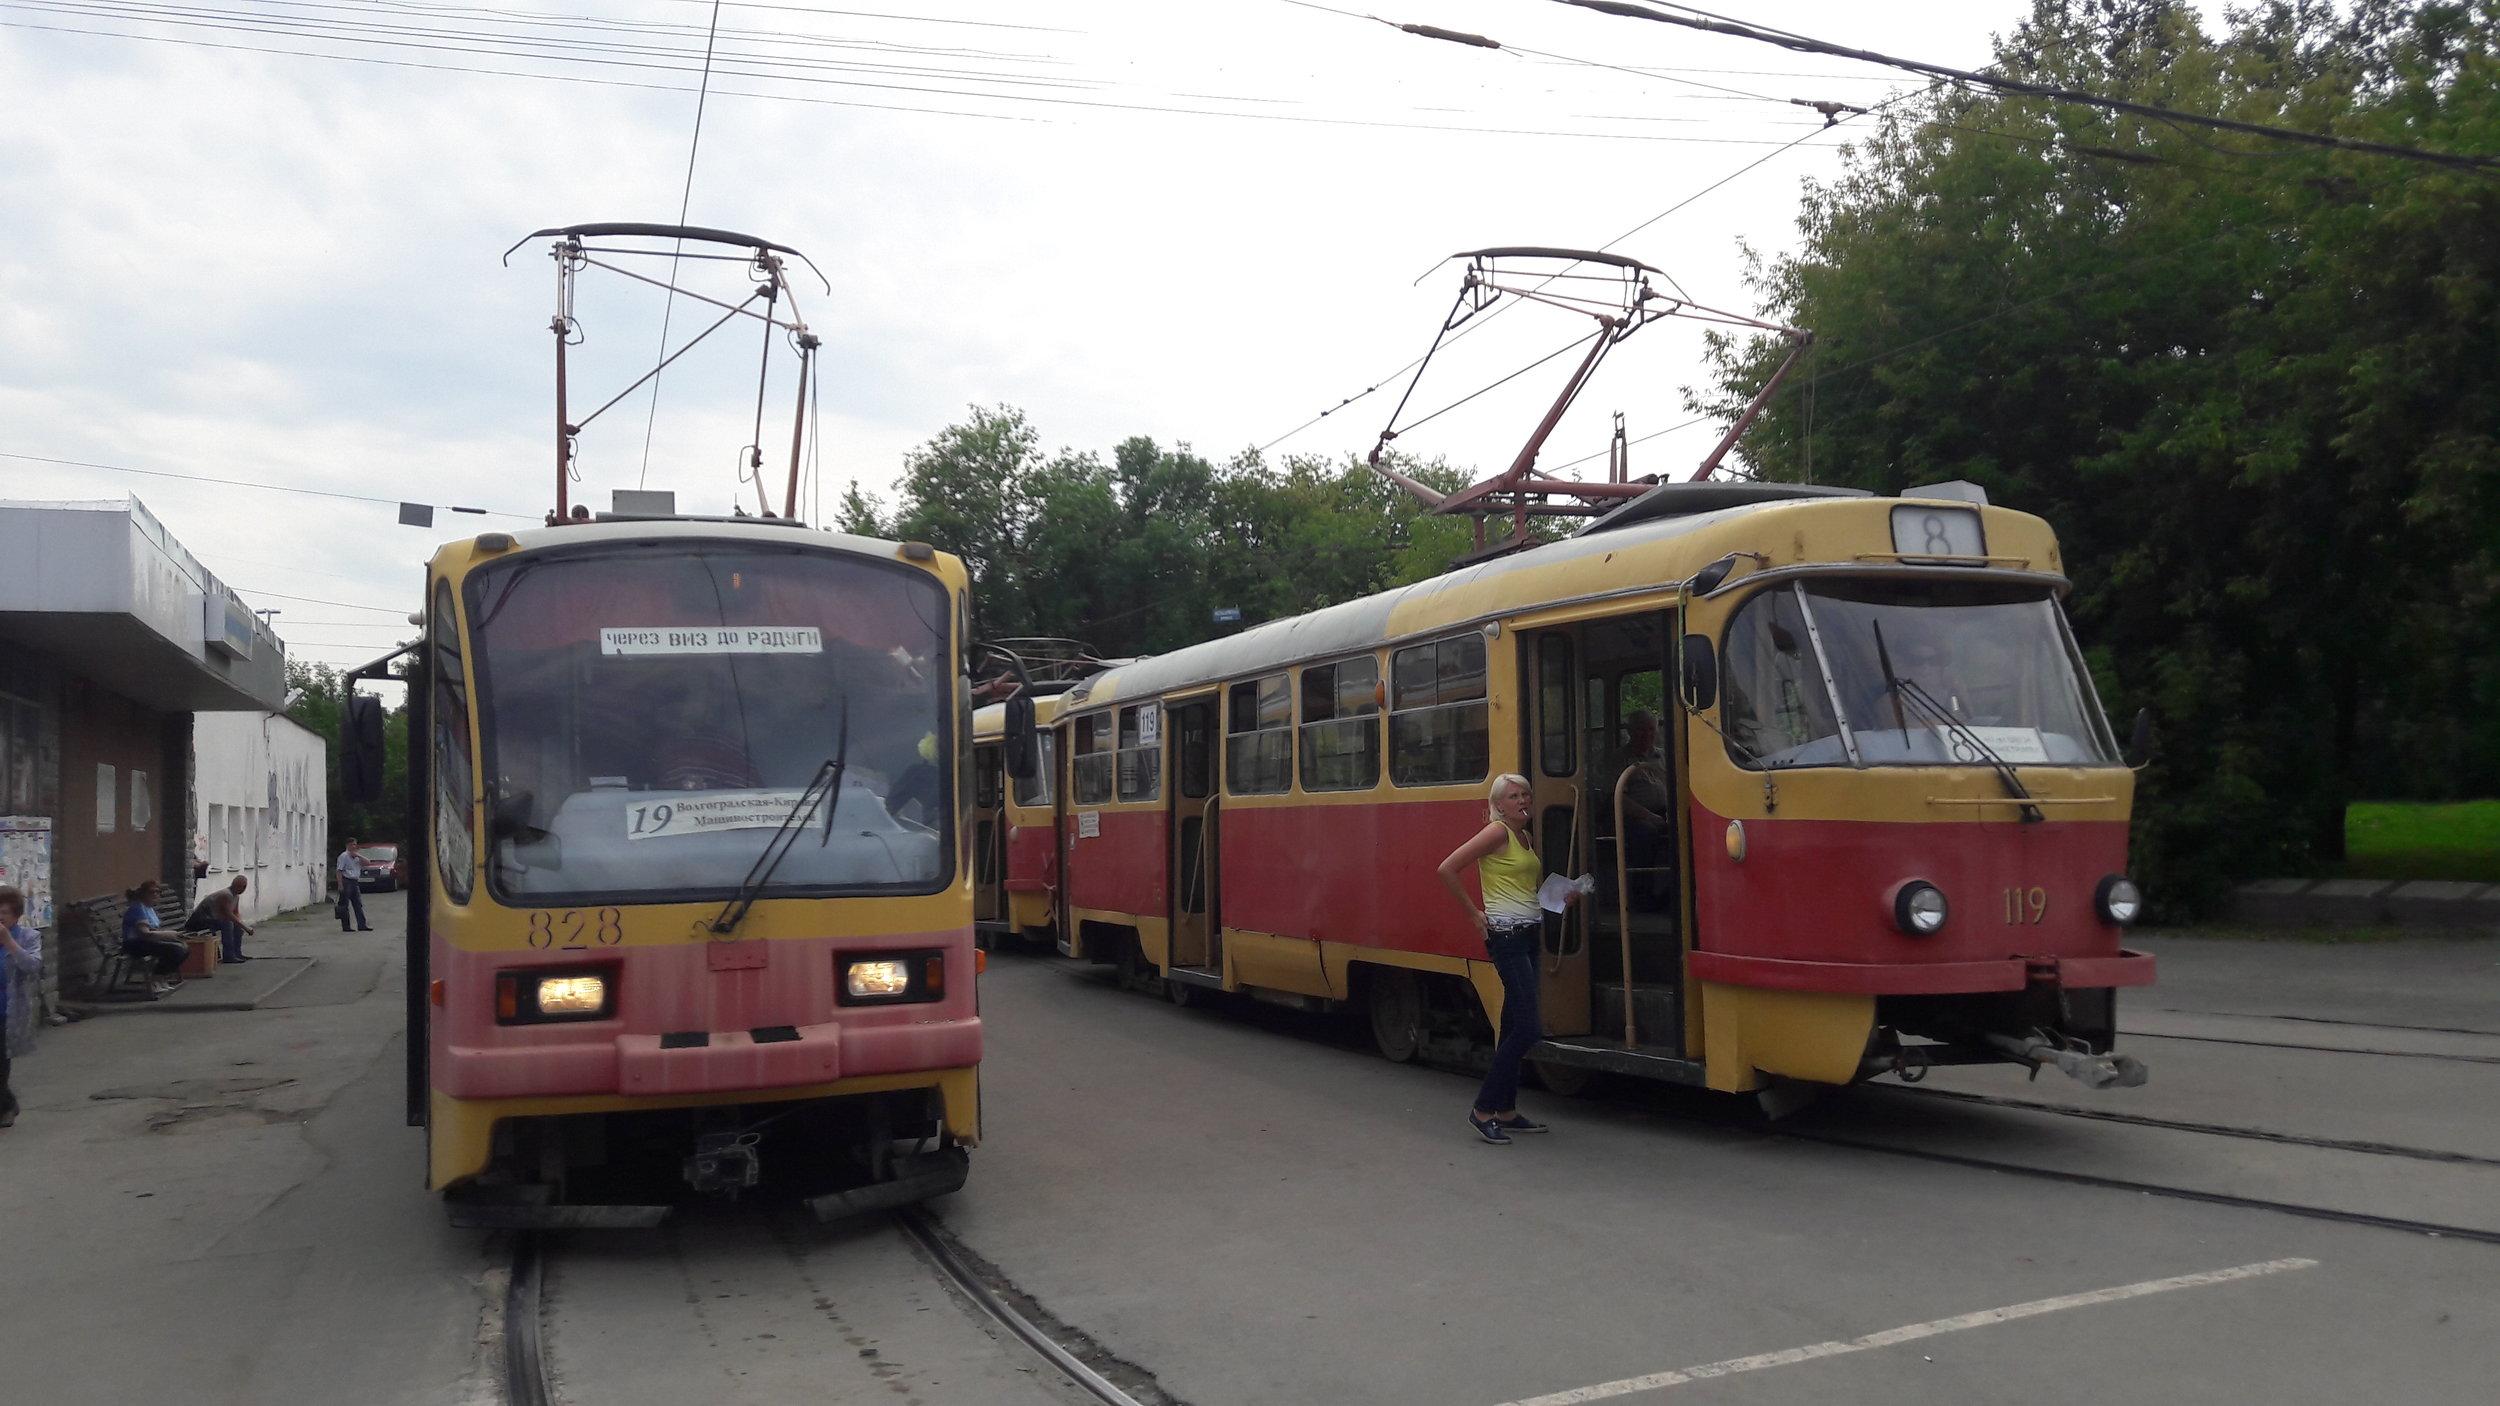 Tramvaje na konečné Mašinostroitělej na severu města. Základem místního vozového parku jsou i po více než čtvrtstoletí od rozpadu SSSR vozy z produkce ČKD, jmenovitě typy T3SU a T6B5SU. Povšimněte si exteriéru obou tramvají a hádejte, jak jsou staré. Odpověď: ta vlevo typu 71-403 má sotva deset života, když byla uvedena do provozu v prosinci 2006, ta druhá typu T3SU letos slaví své 40. narozeniny!